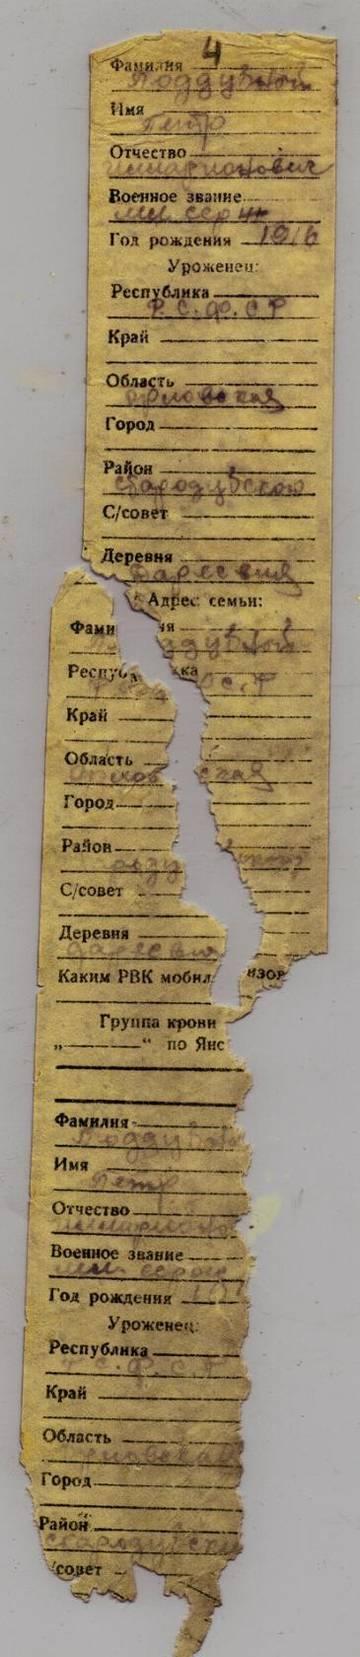 http://se.uploads.ru/t/jXlyx.jpg